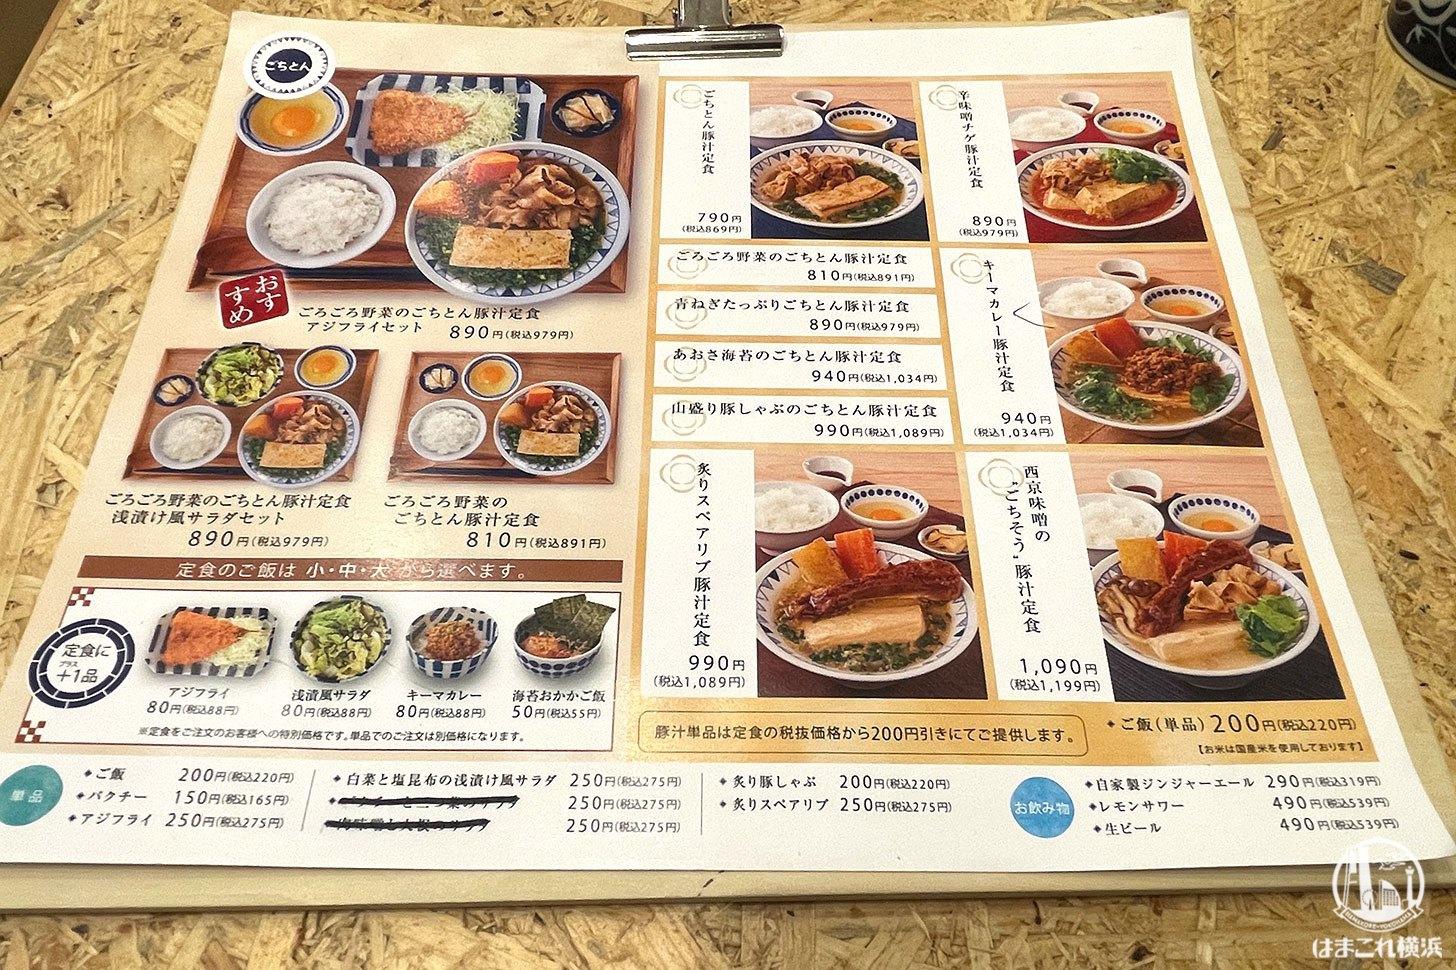 豚汁専門店「ごちとん」横浜ジョイナス店 メニュー